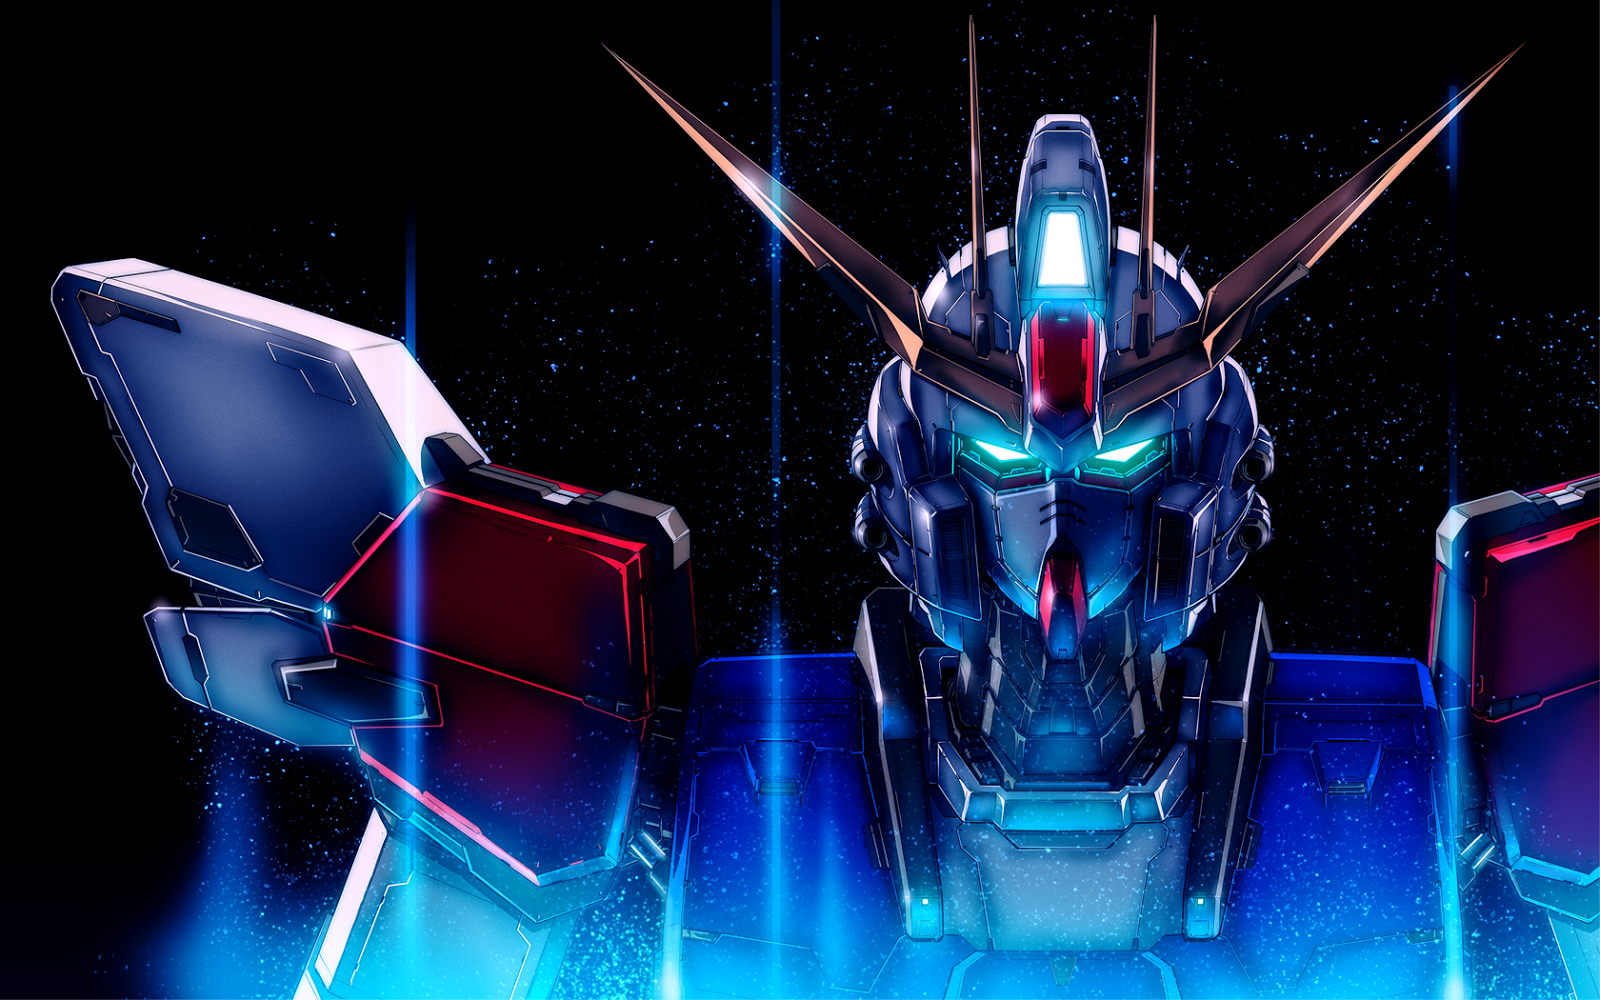 Gundam Digital Art Works Part 2 Gundam wallpapers